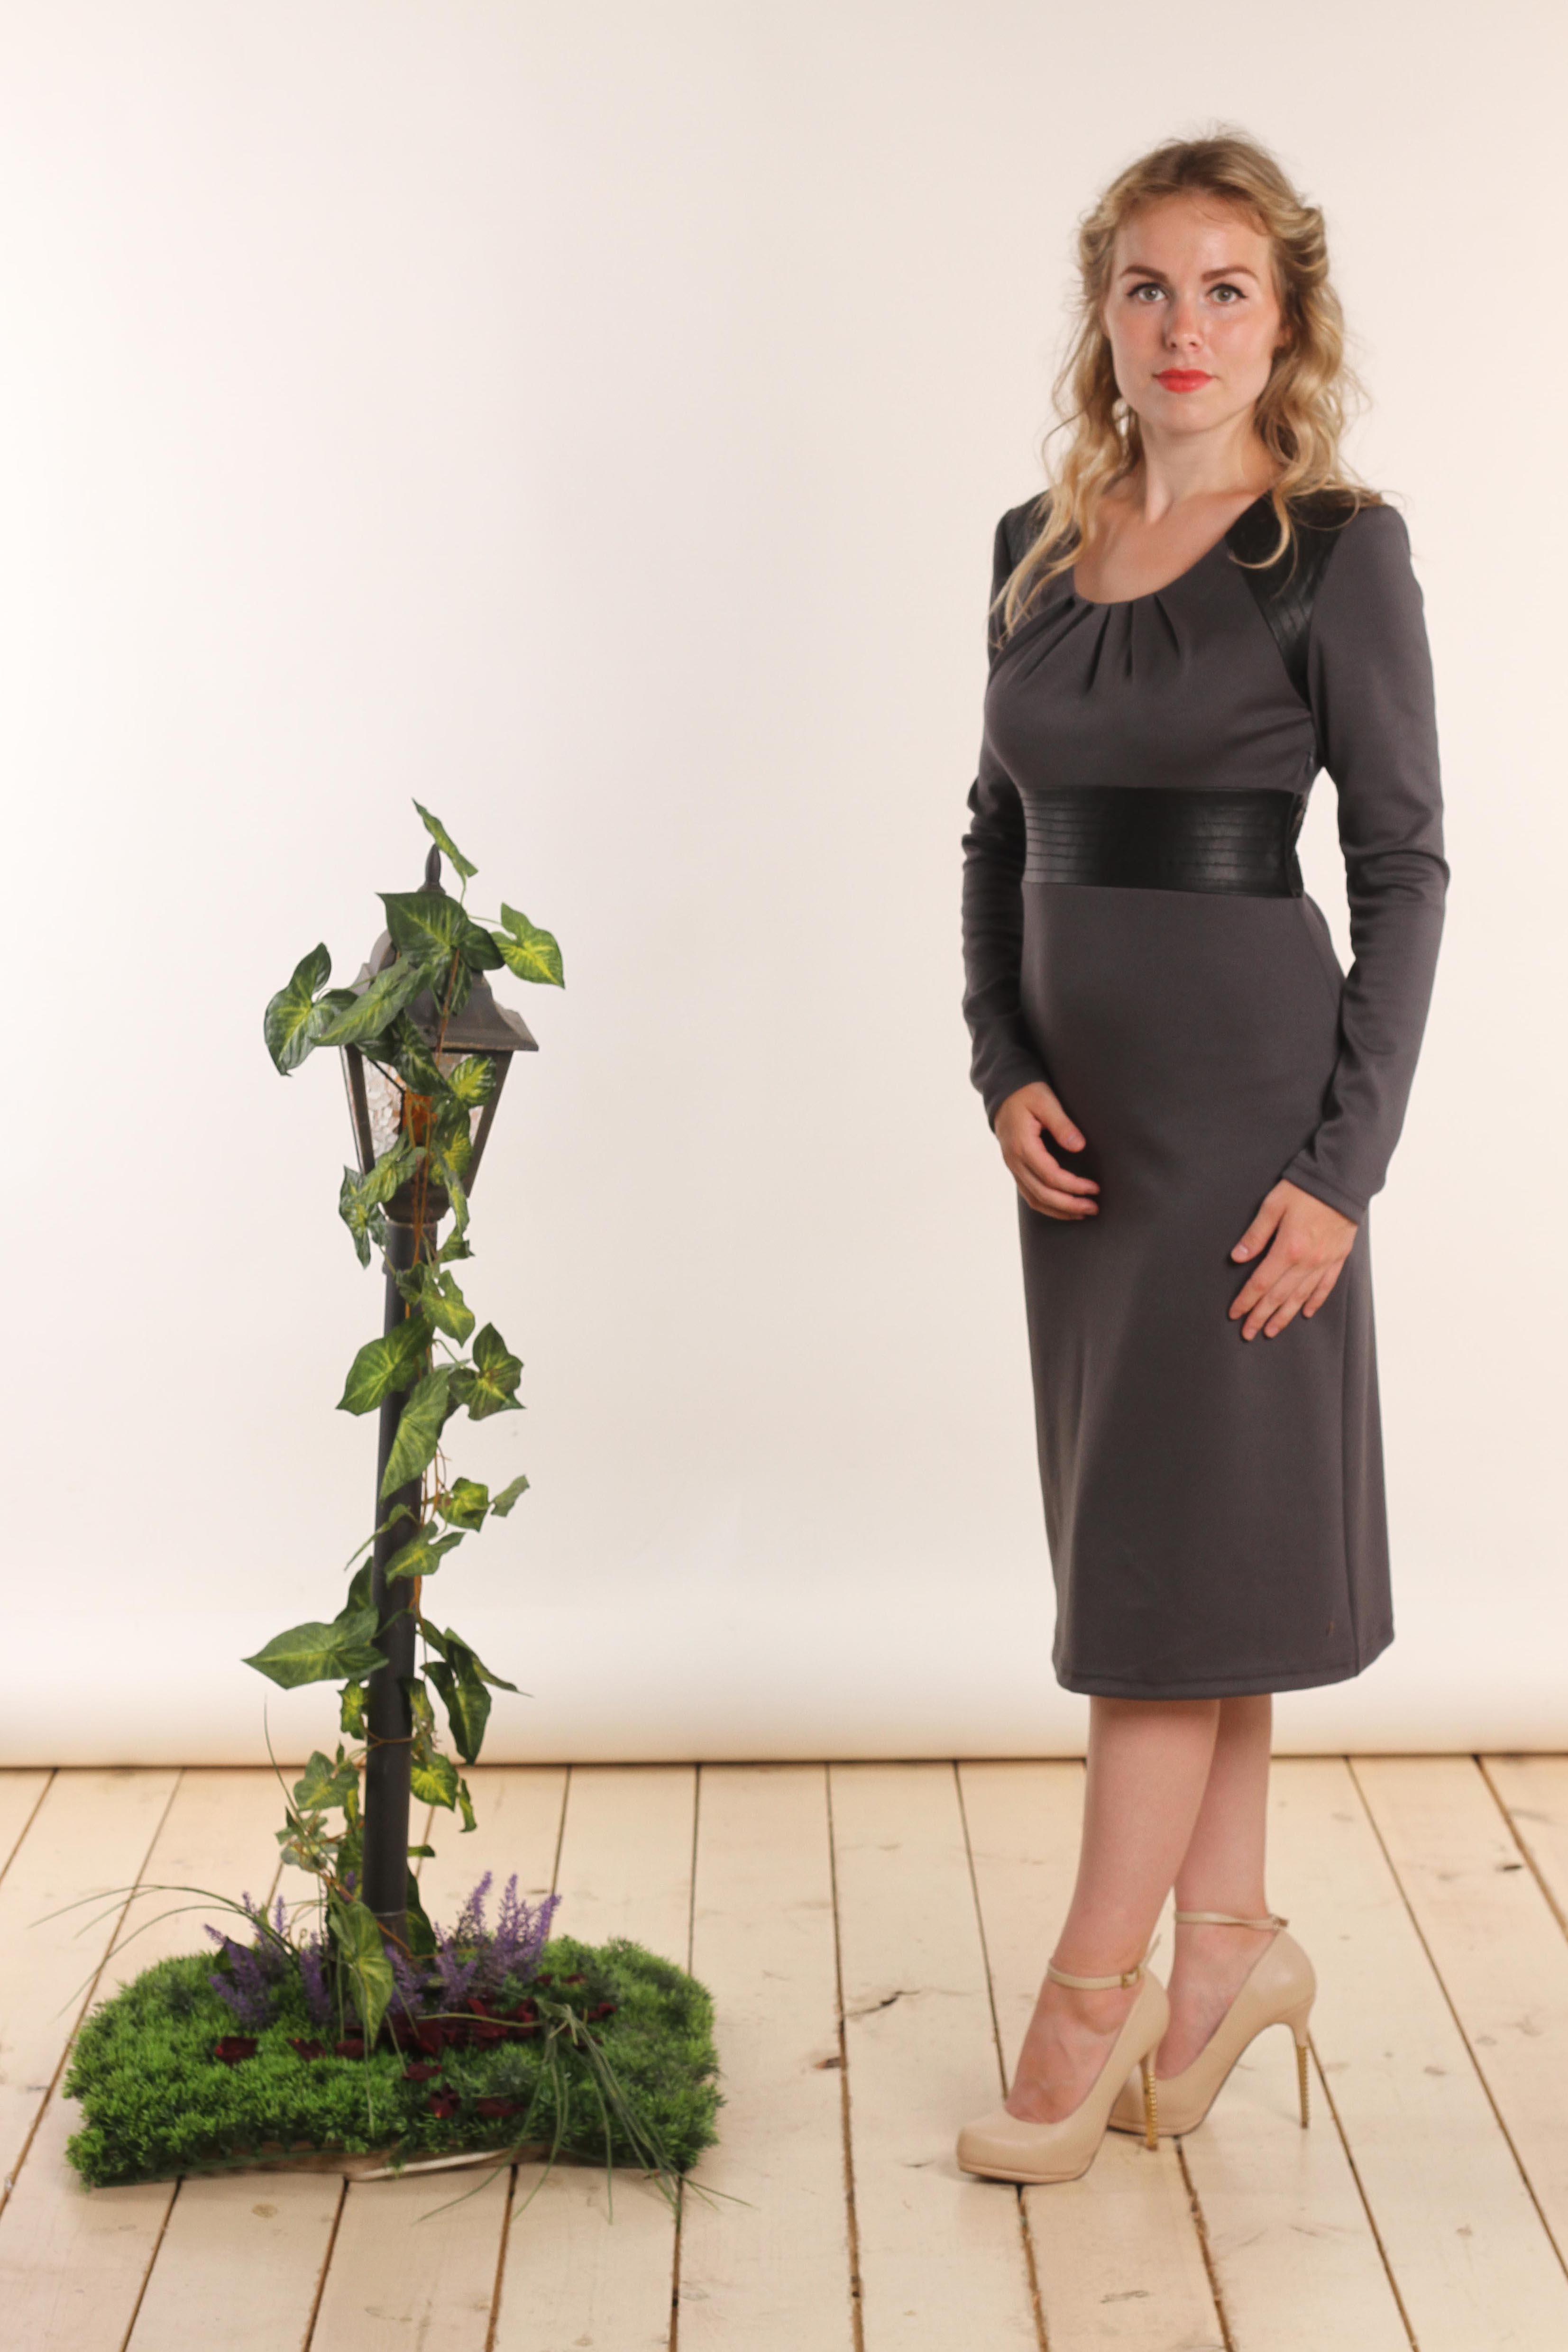 ПлатьеПлатья<br>Прекрасное женское платье с круглой горловиной и длинными рукавами. Модель выполнена из приятного трикотажа с отделкой из экокожи. Отличный выбор для повседневного гардероба.  В изделии использованы цвета: серый, черный  Длина изделия: 44 размер - 99 см 46 размер - 100 см 48 размер - 101 см 50 размер - 102 см 52 размер - 103 см 54 размер - 104 см  Длина рукава 61 см   Рост девушки-фотомодели 161 см<br><br>Горловина: С- горловина<br>По длине: Ниже колена<br>По материалу: Вискоза,Трикотаж<br>По образу: Город<br>По рисунку: Цветные<br>По сезону: Зима,Осень,Весна<br>По силуэту: Приталенные<br>По стилю: Повседневный стиль<br>По форме: Платье - трапеция<br>По элементам: С декором,С кожаными вставками<br>Рукав: Длинный рукав<br>Размер : 44,48,54<br>Материал: Джерси + Искусственная кожа<br>Количество в наличии: 4